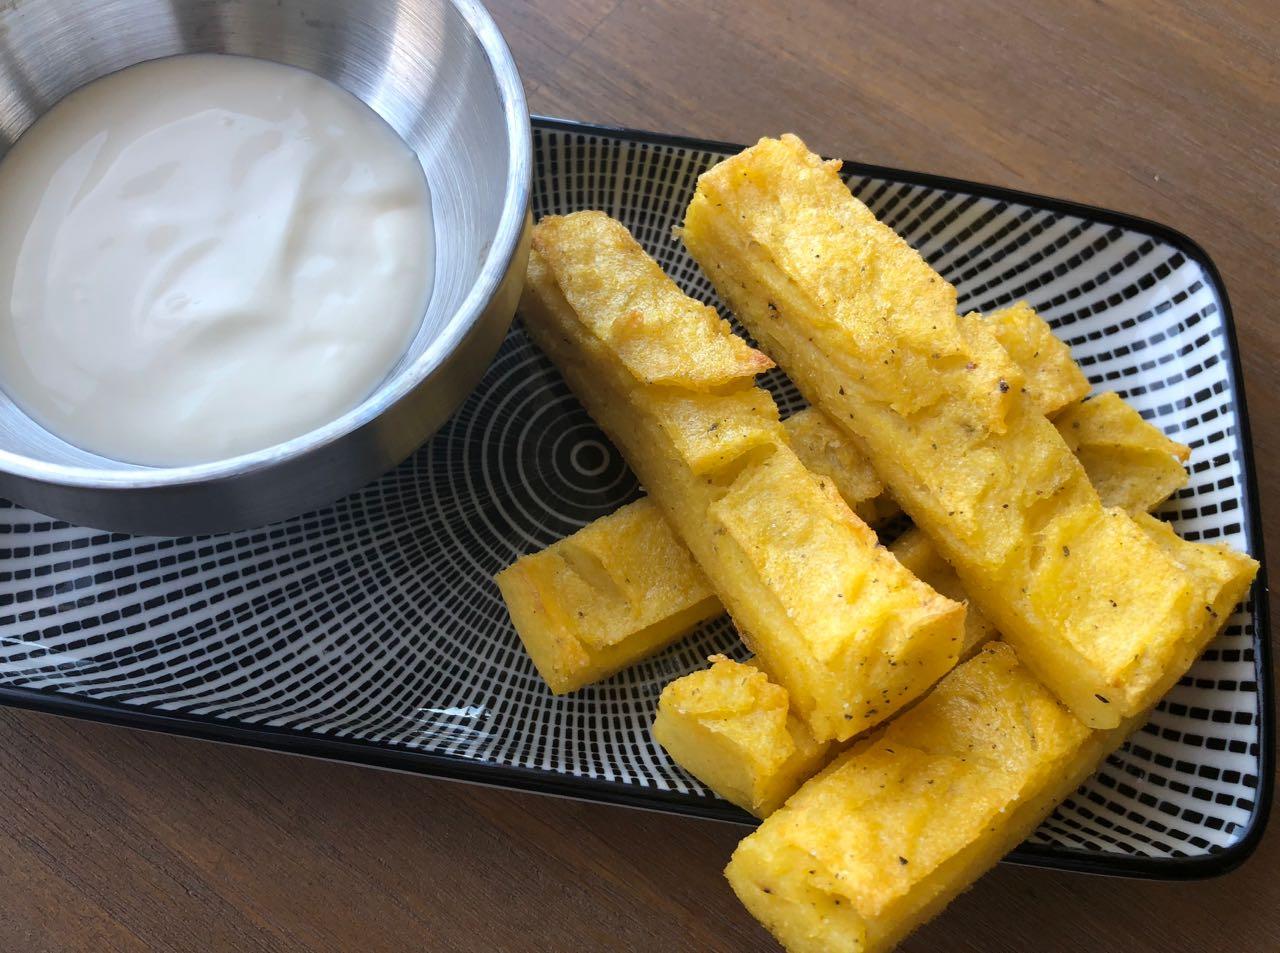 polentafriet met limoenmayonaise